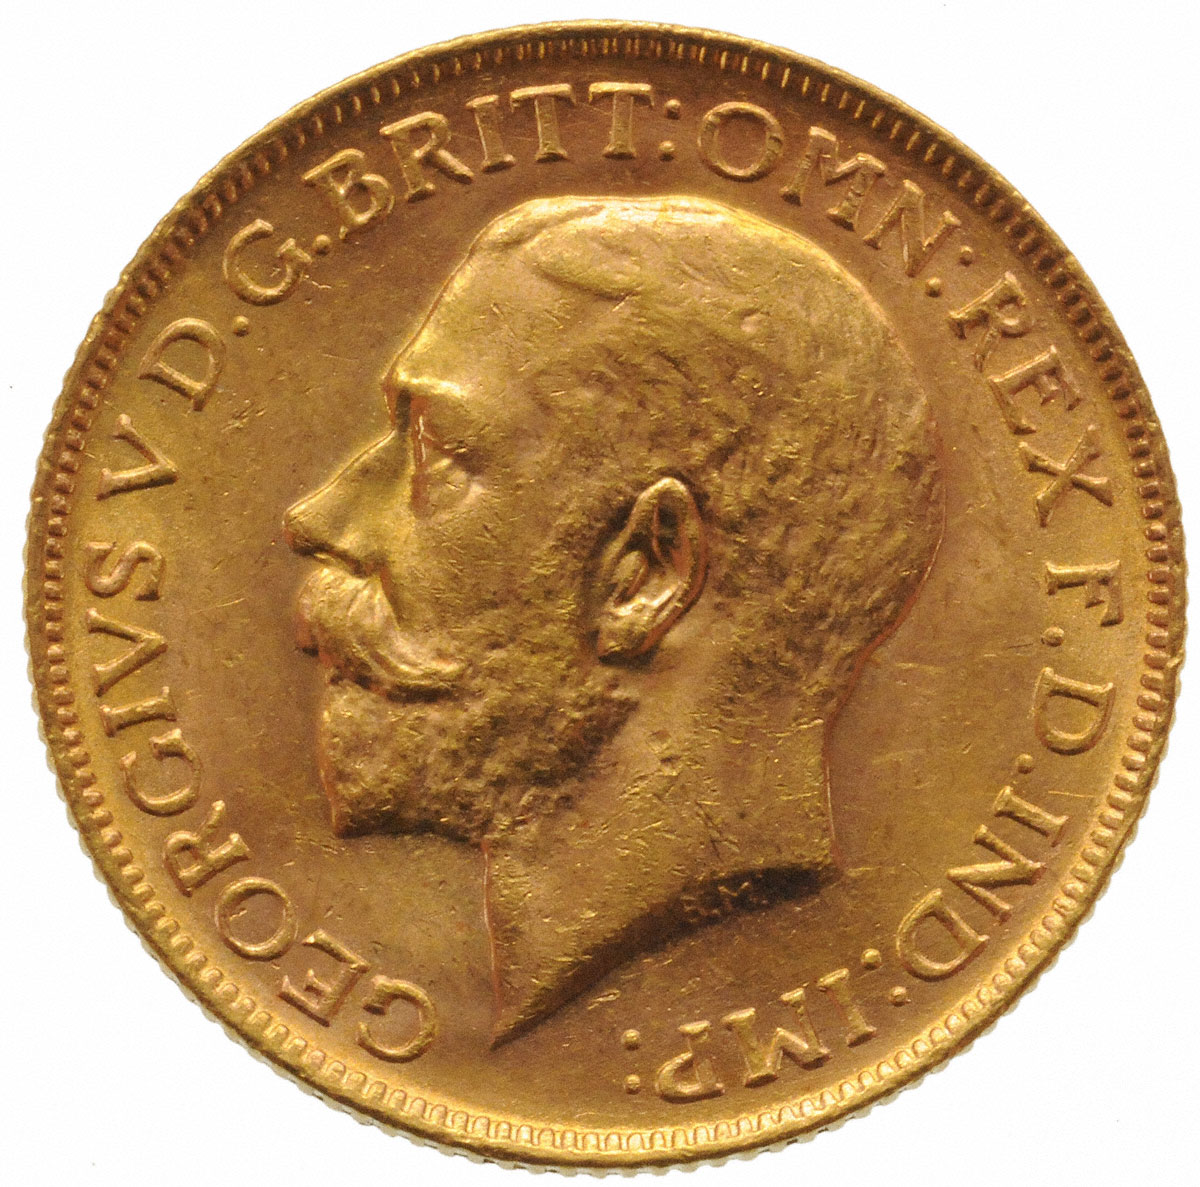 1918 Γεώργιος Ε' (Νομισματοκοπείο Μελβούρνης)